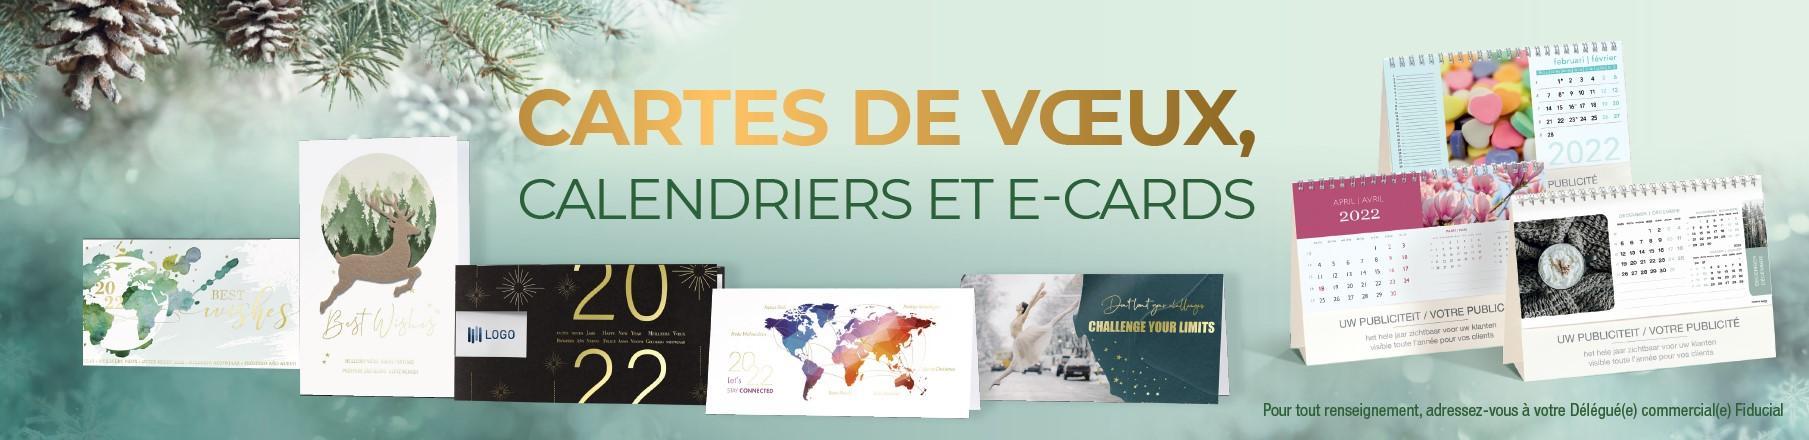 Cartes cadeaux - BE FR